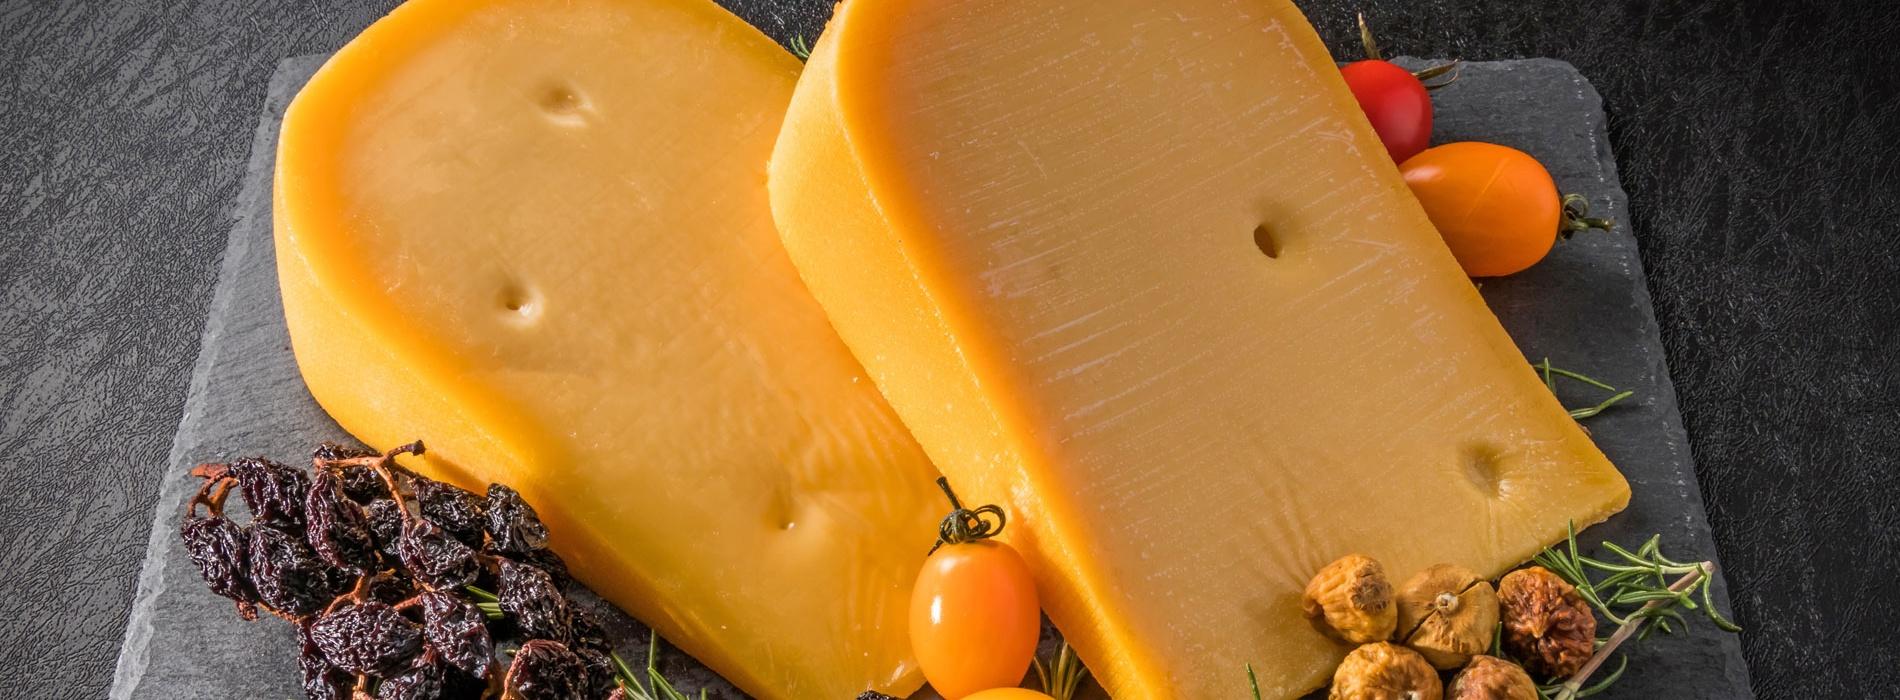 european-cheese